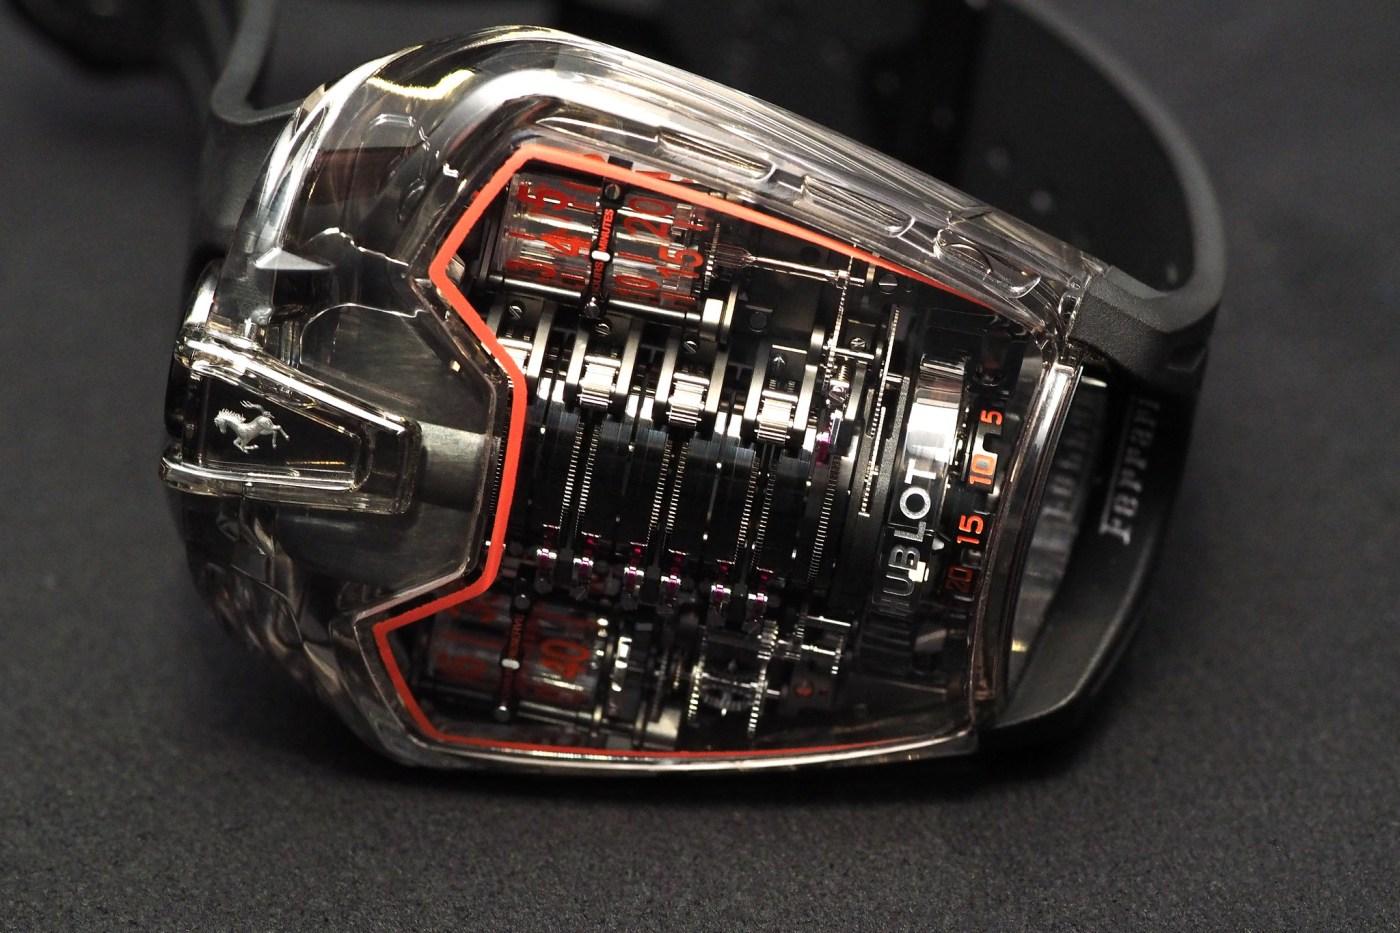 Hublot MP-05 LaFerrar Aperta